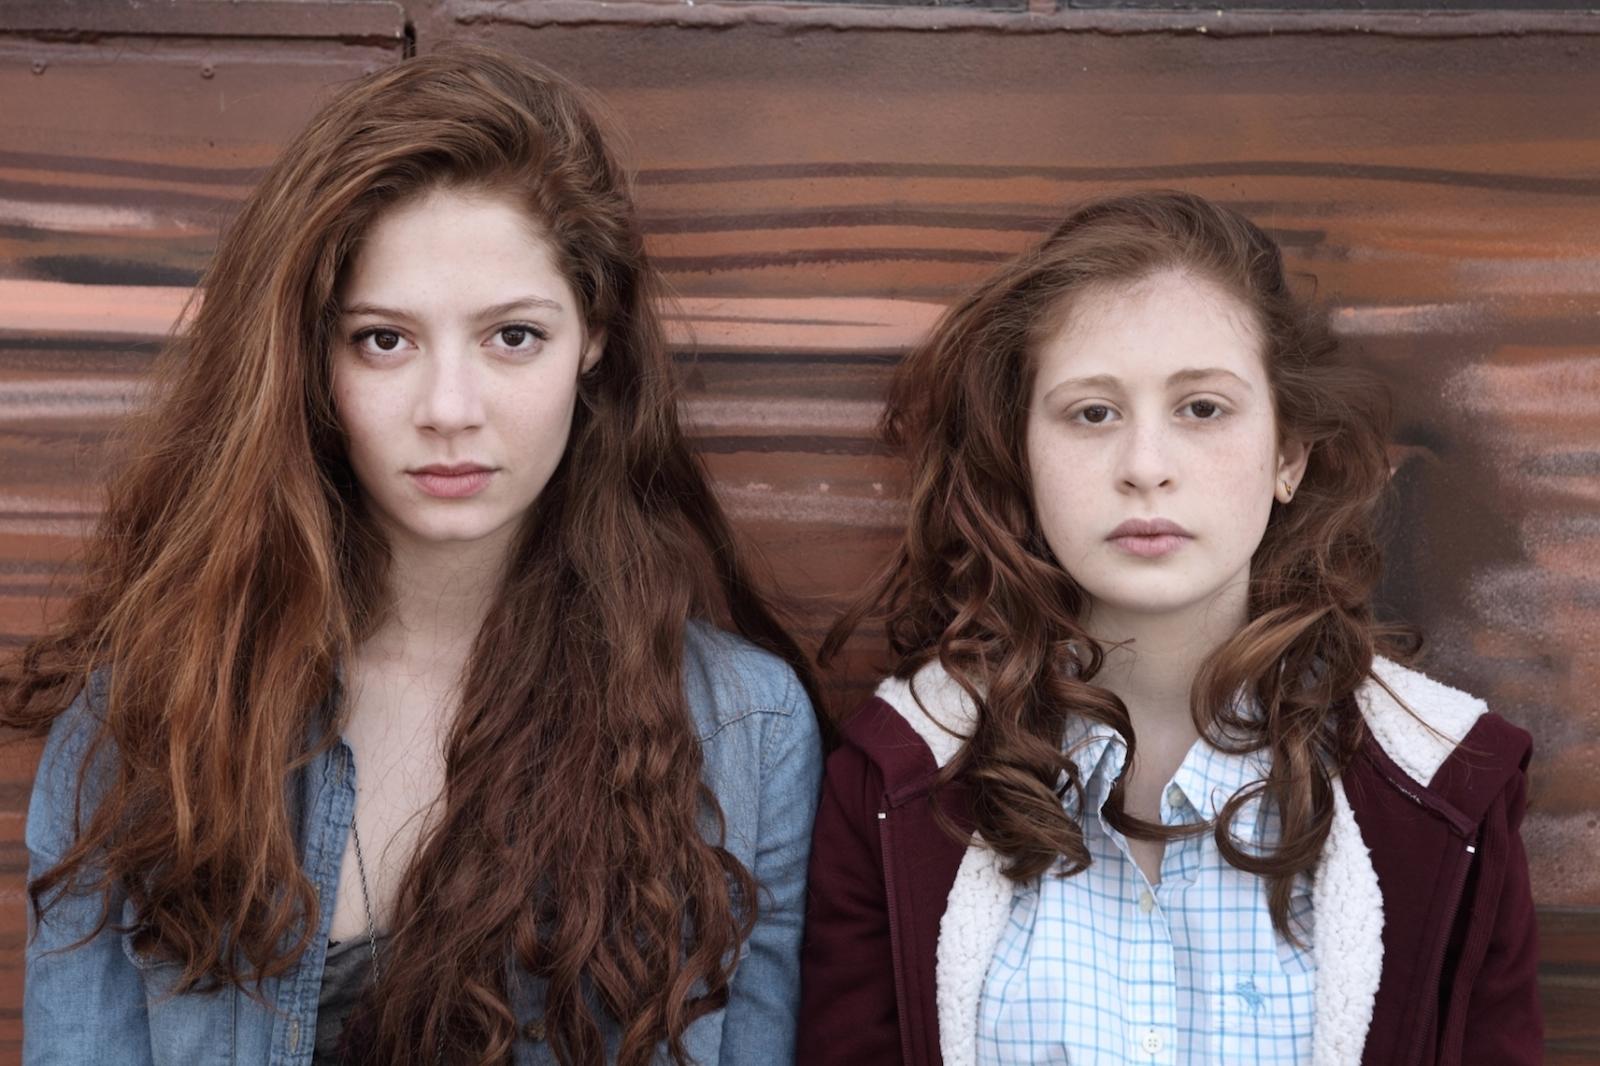 Les Revenants: Yara Pilartz e Jenna Thiam una scena della serie